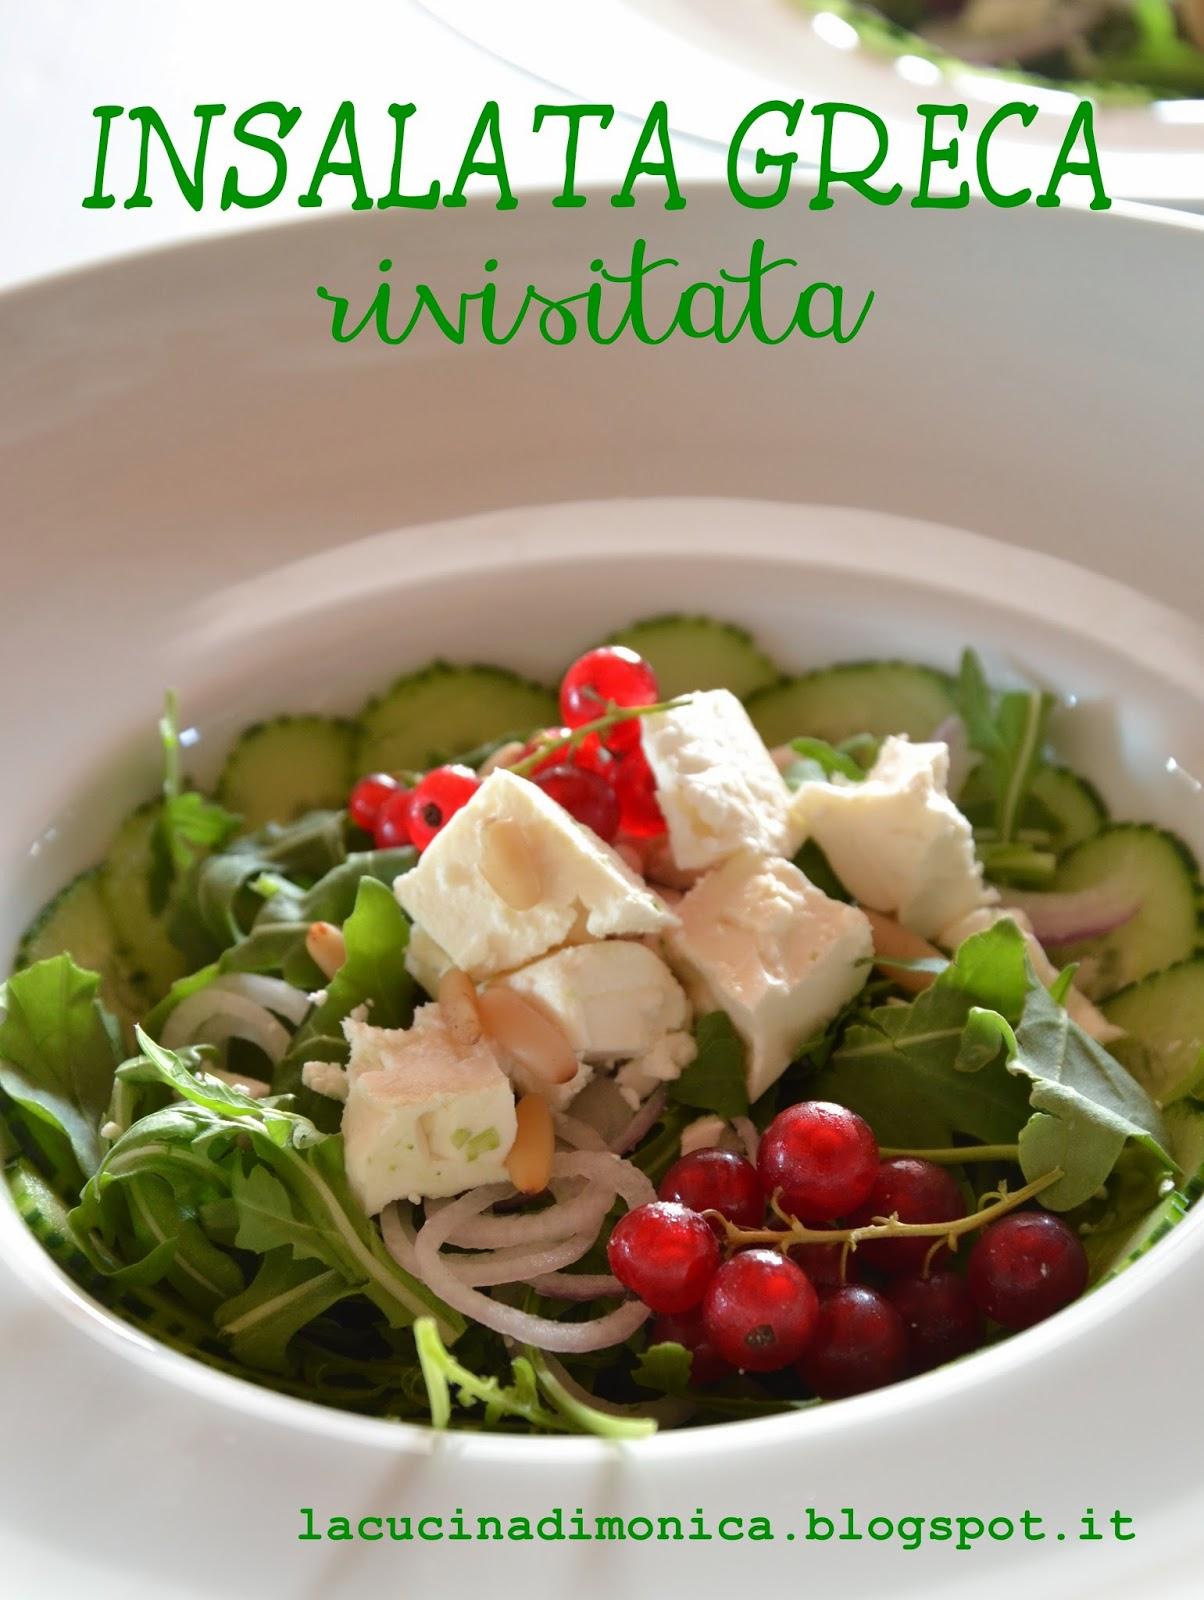 insalata greca rivisitata